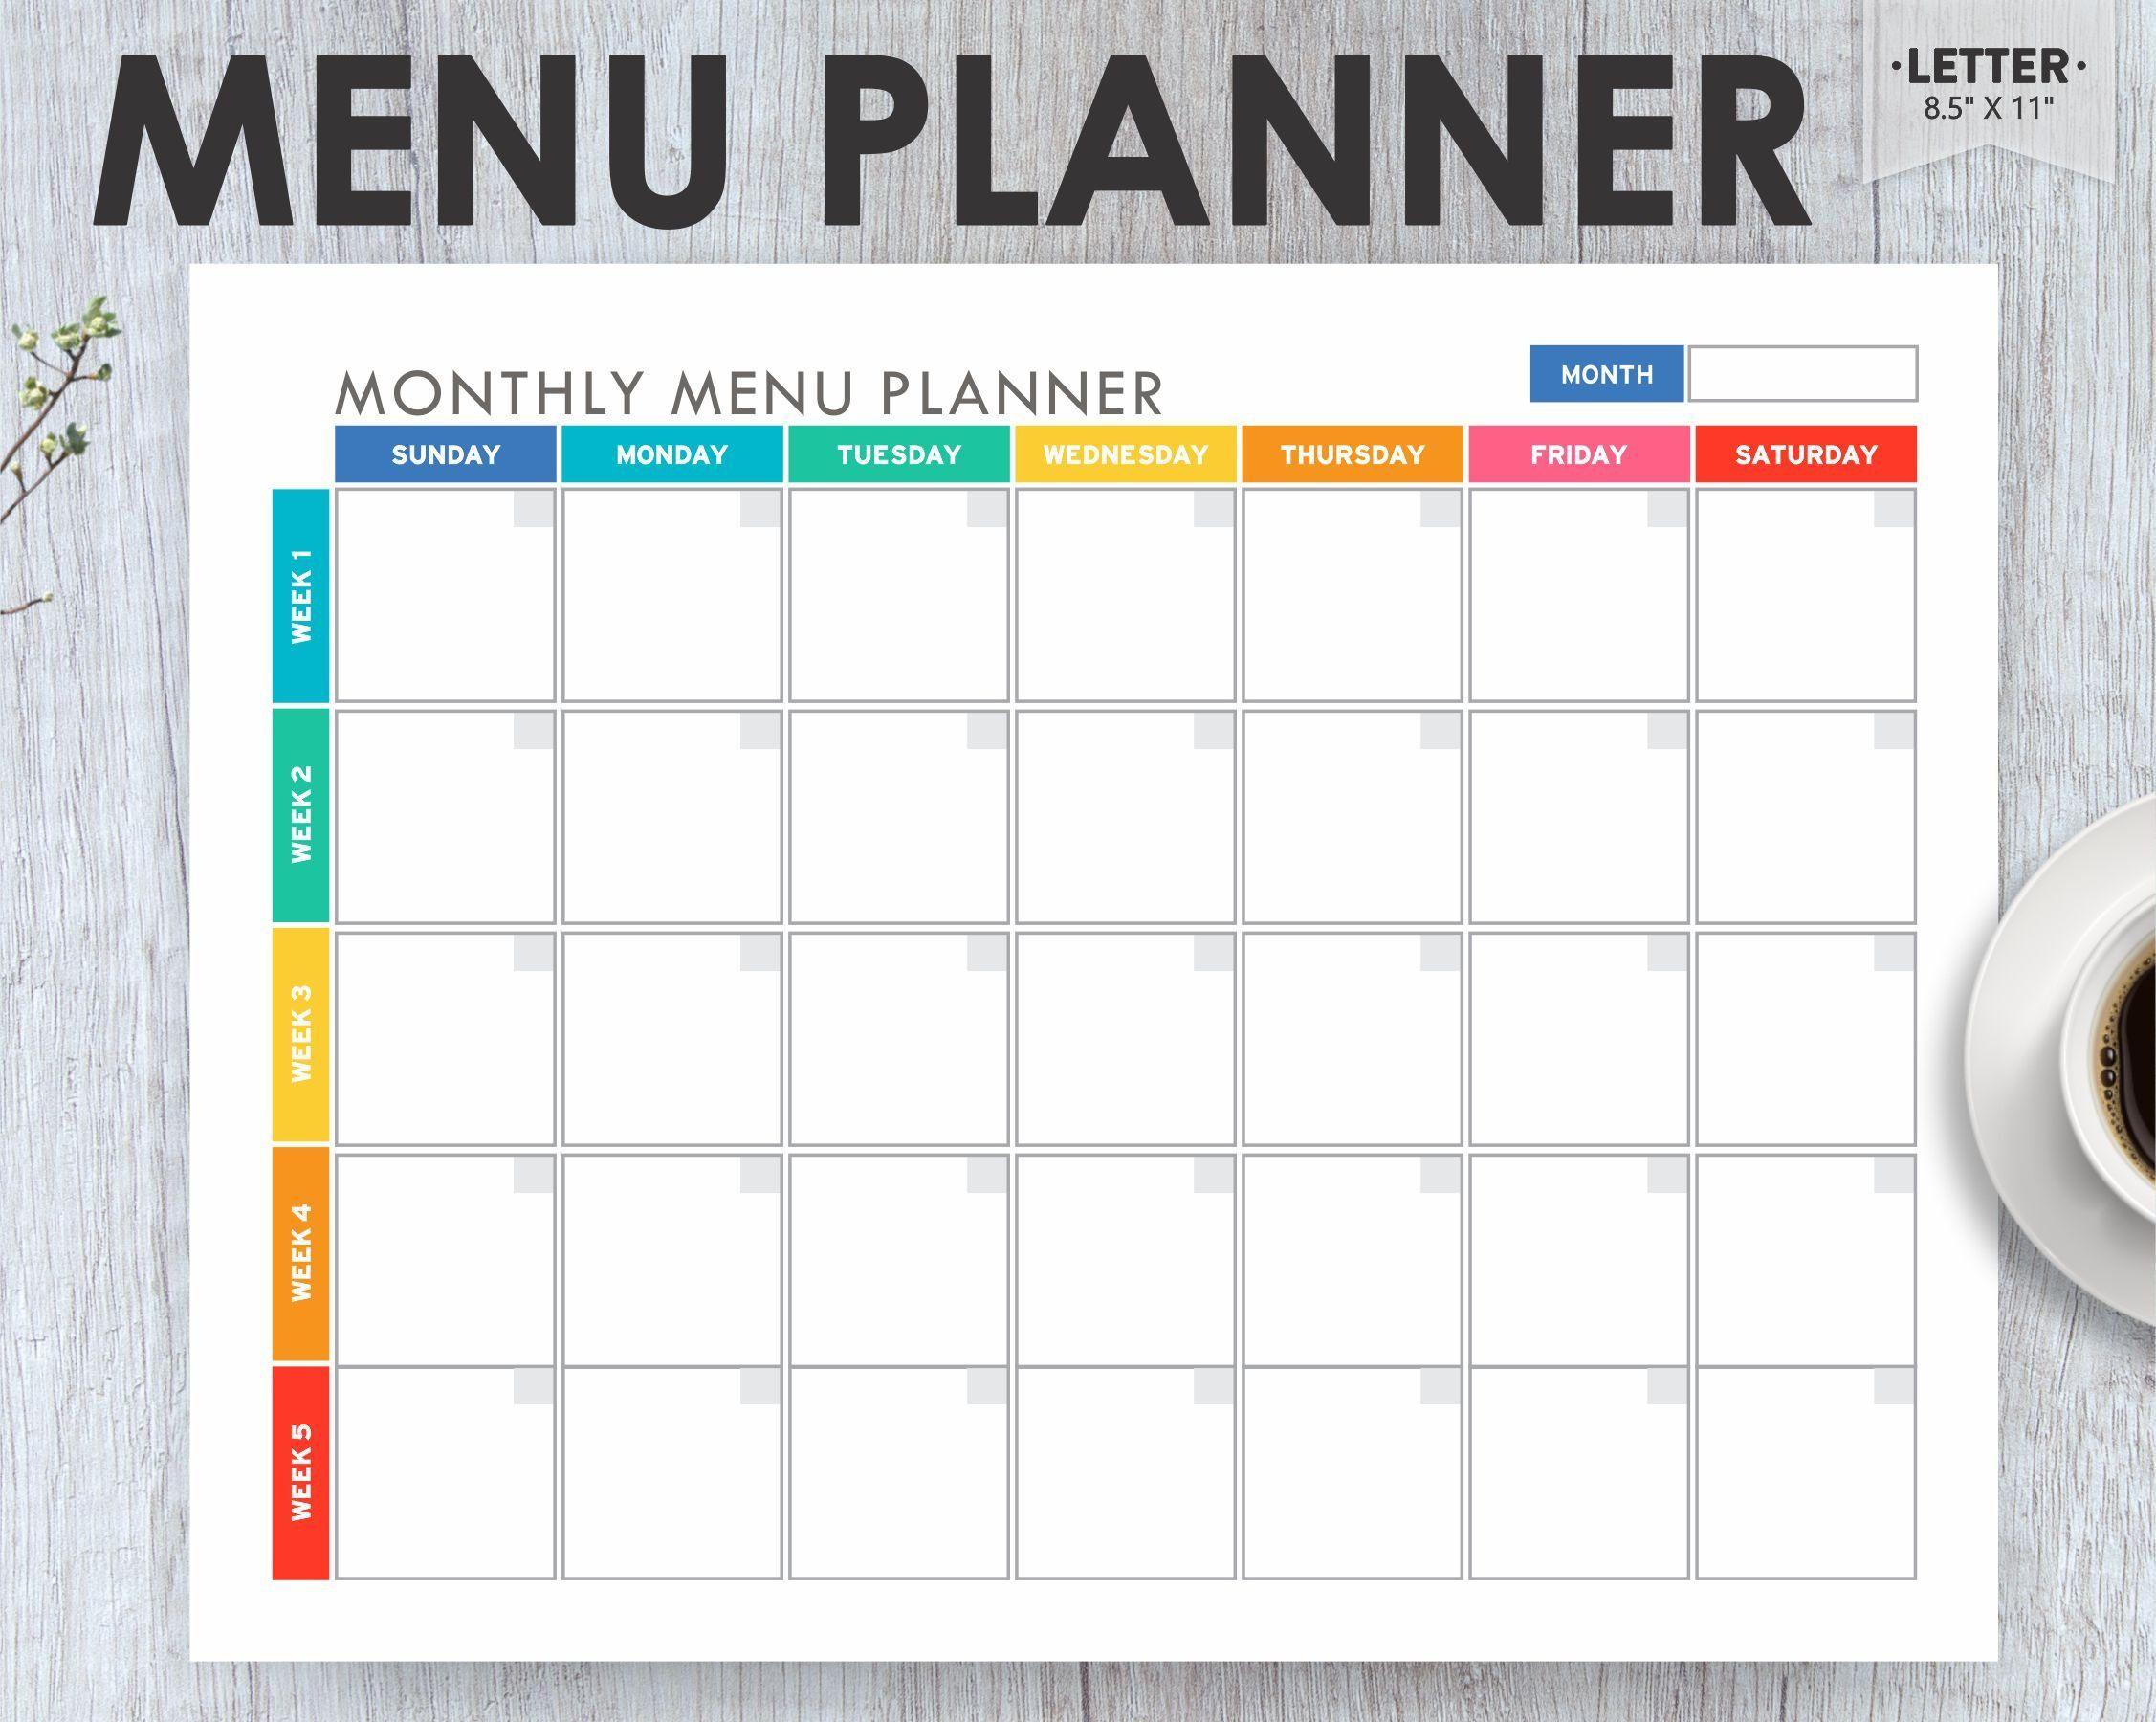 Meal Planner Printable, Menu Planner EDITABLE, Monthly